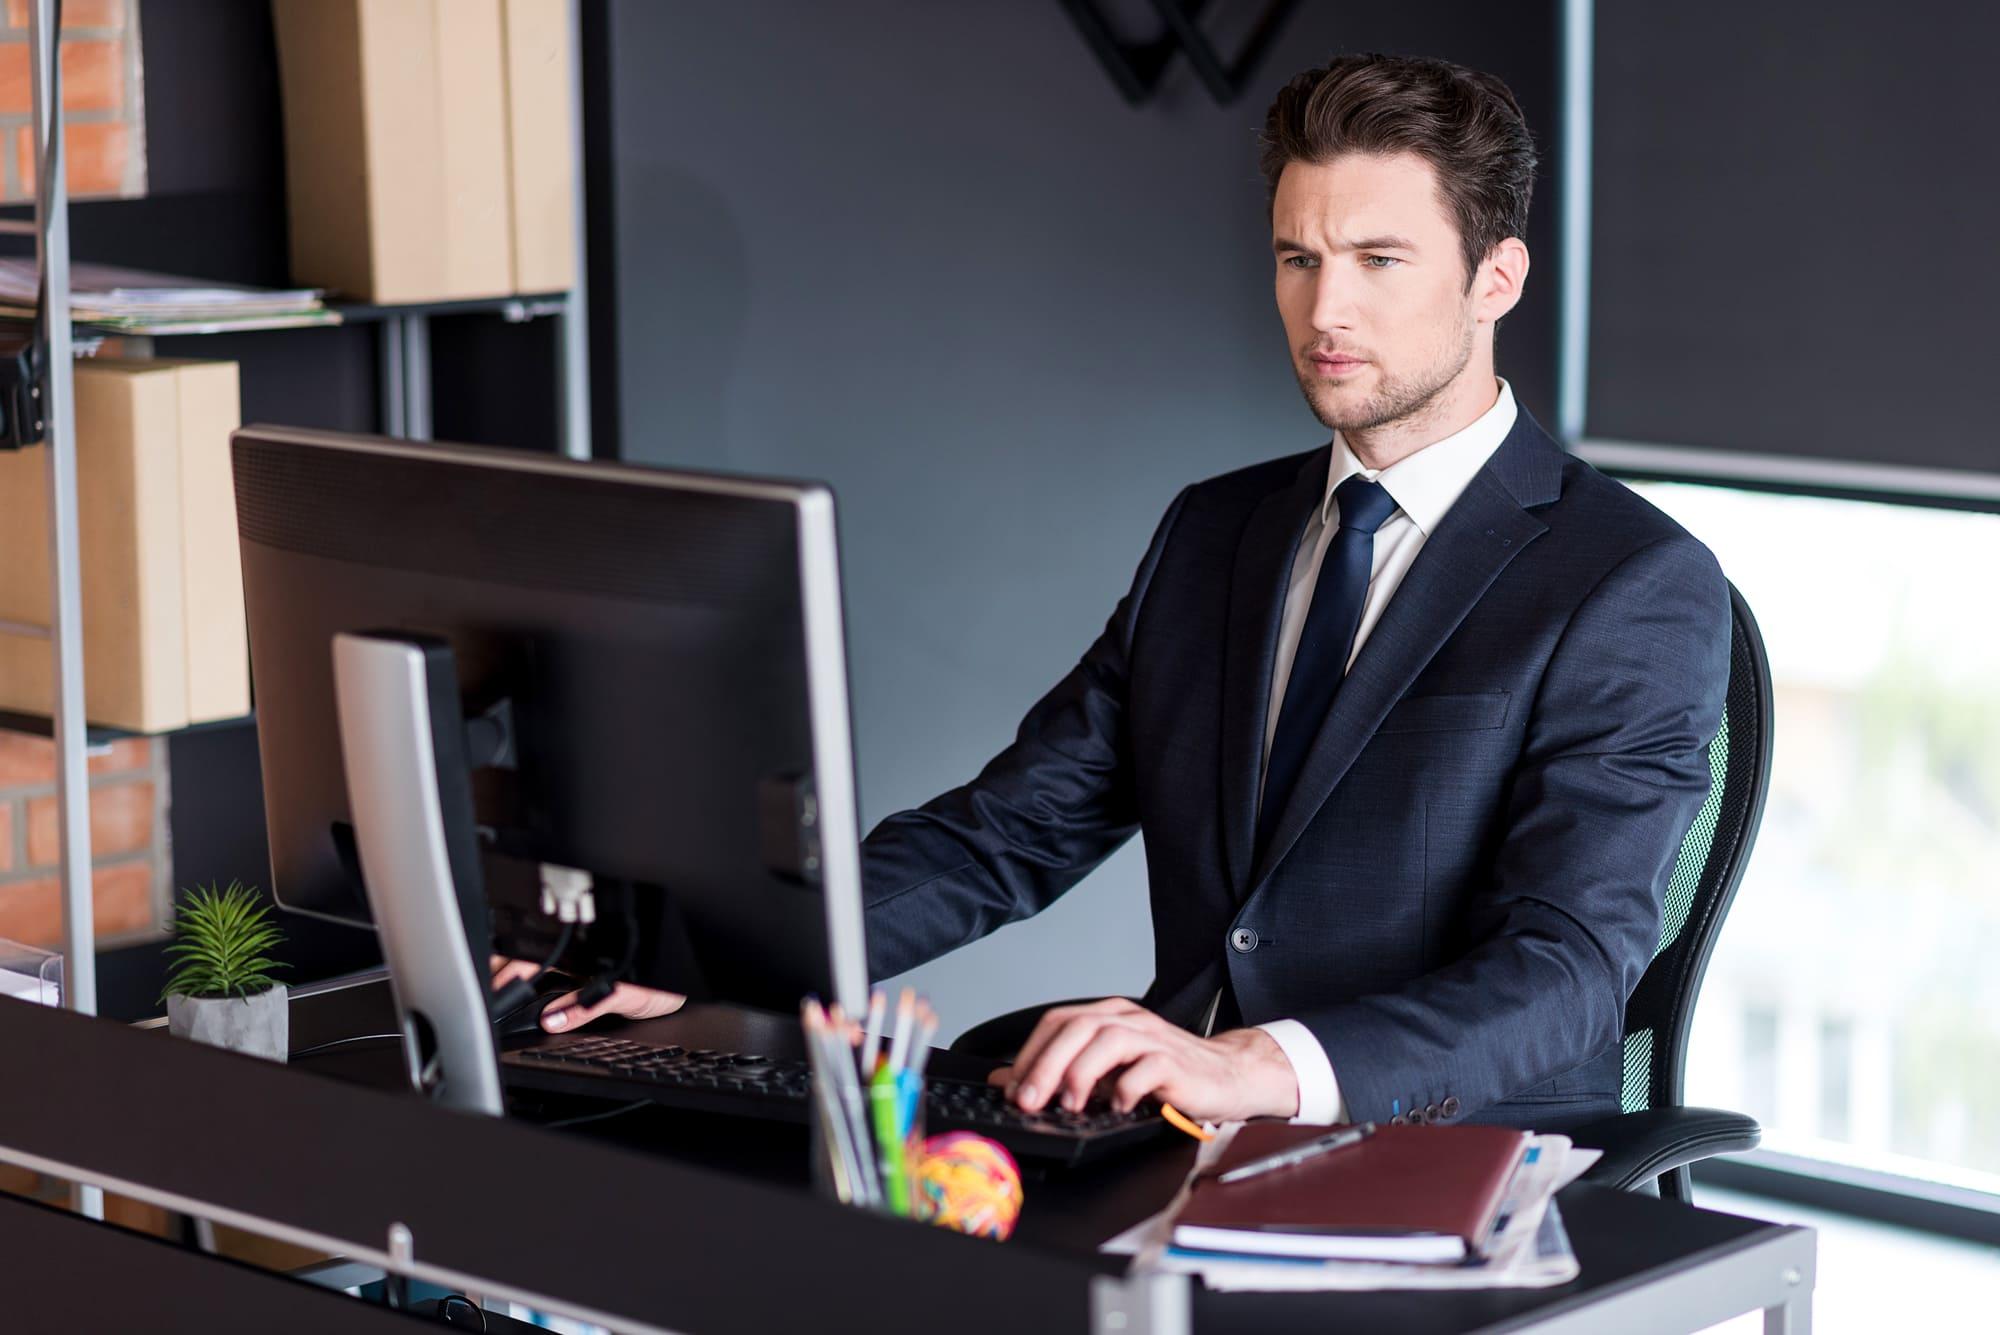 個人事業主の確定申告で知っておきたい基礎知識と確定申告を考えた法人カードおすすめ4選